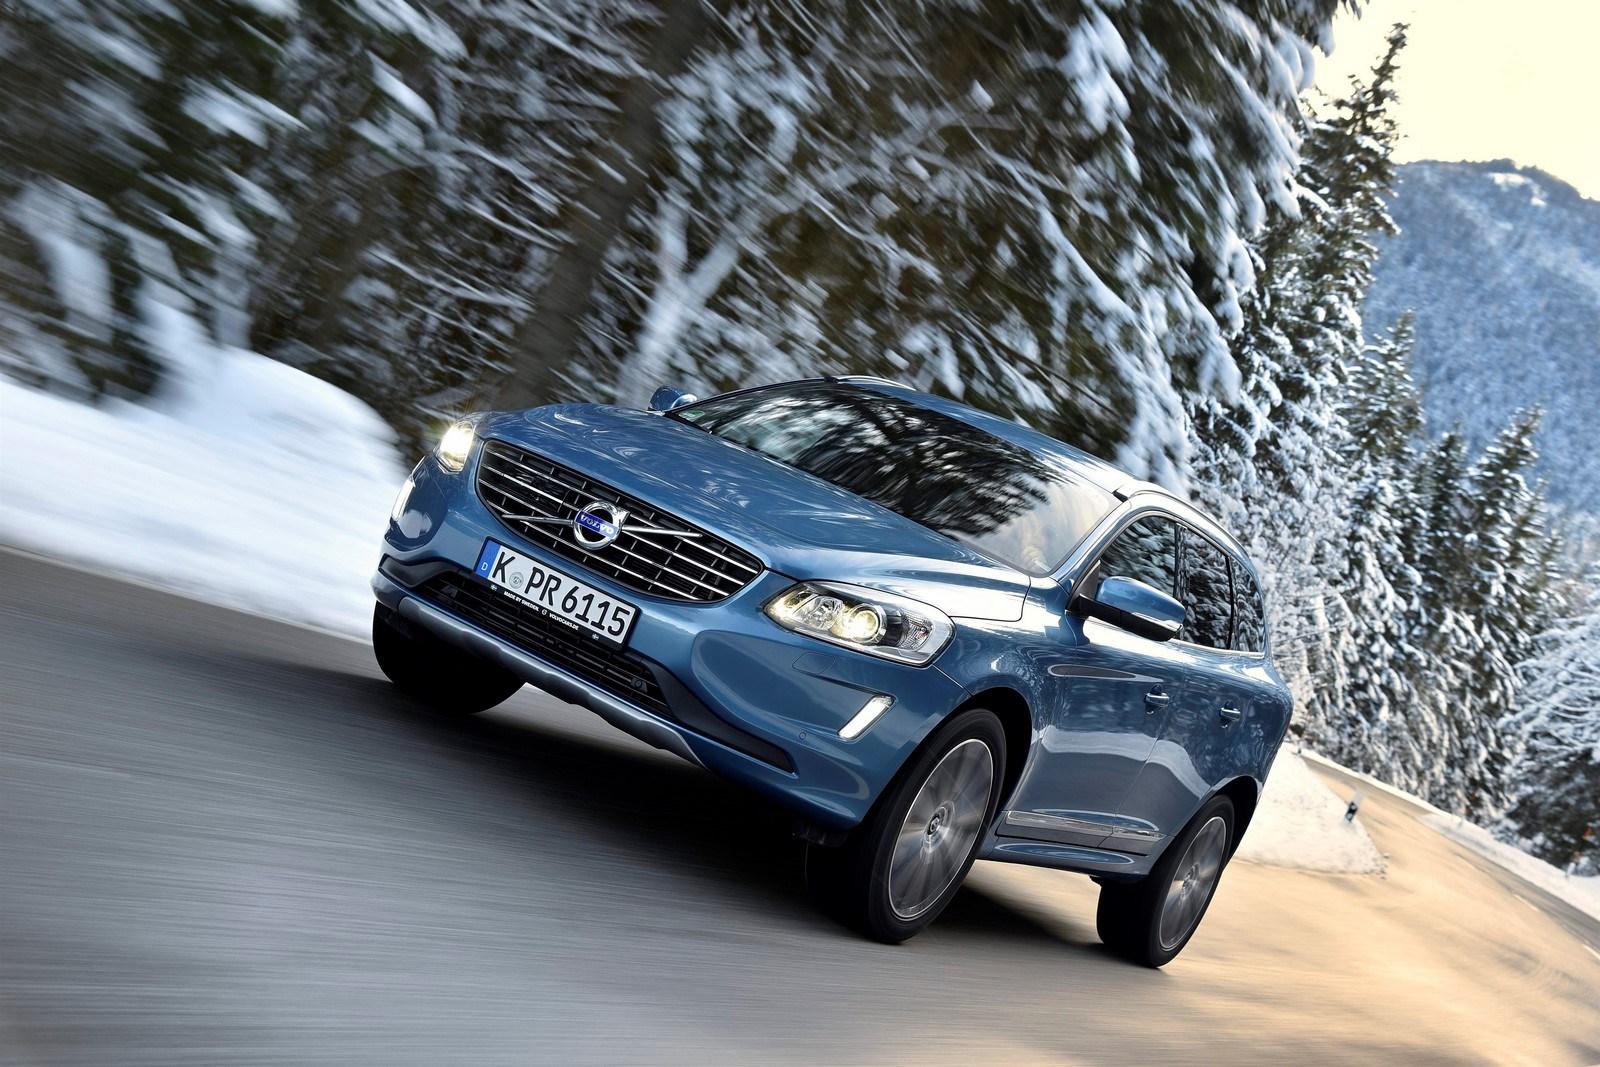 Η Volvo την 1/1/18 θα παρουσιάσει με πρωταγωνιστή το νέο XC60 το «Μέλλον της Ασφάλειας»